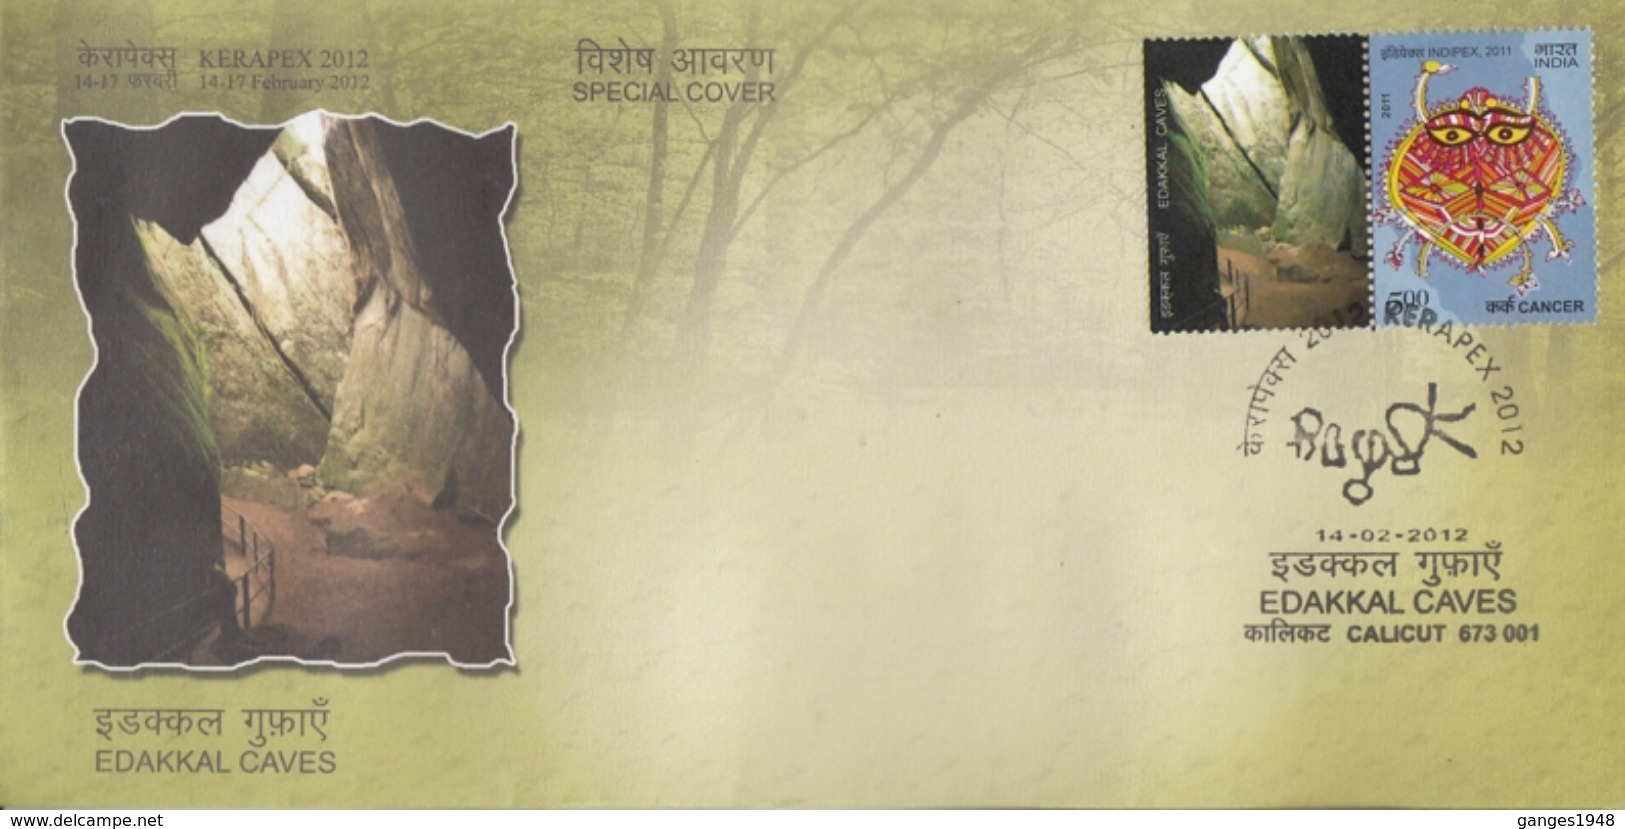 India  2012  Astrology   Cancer   MyStamp  Edakkal Caves  CALICUT  Special Cover   #  94395  Inde  Indien - Astrology